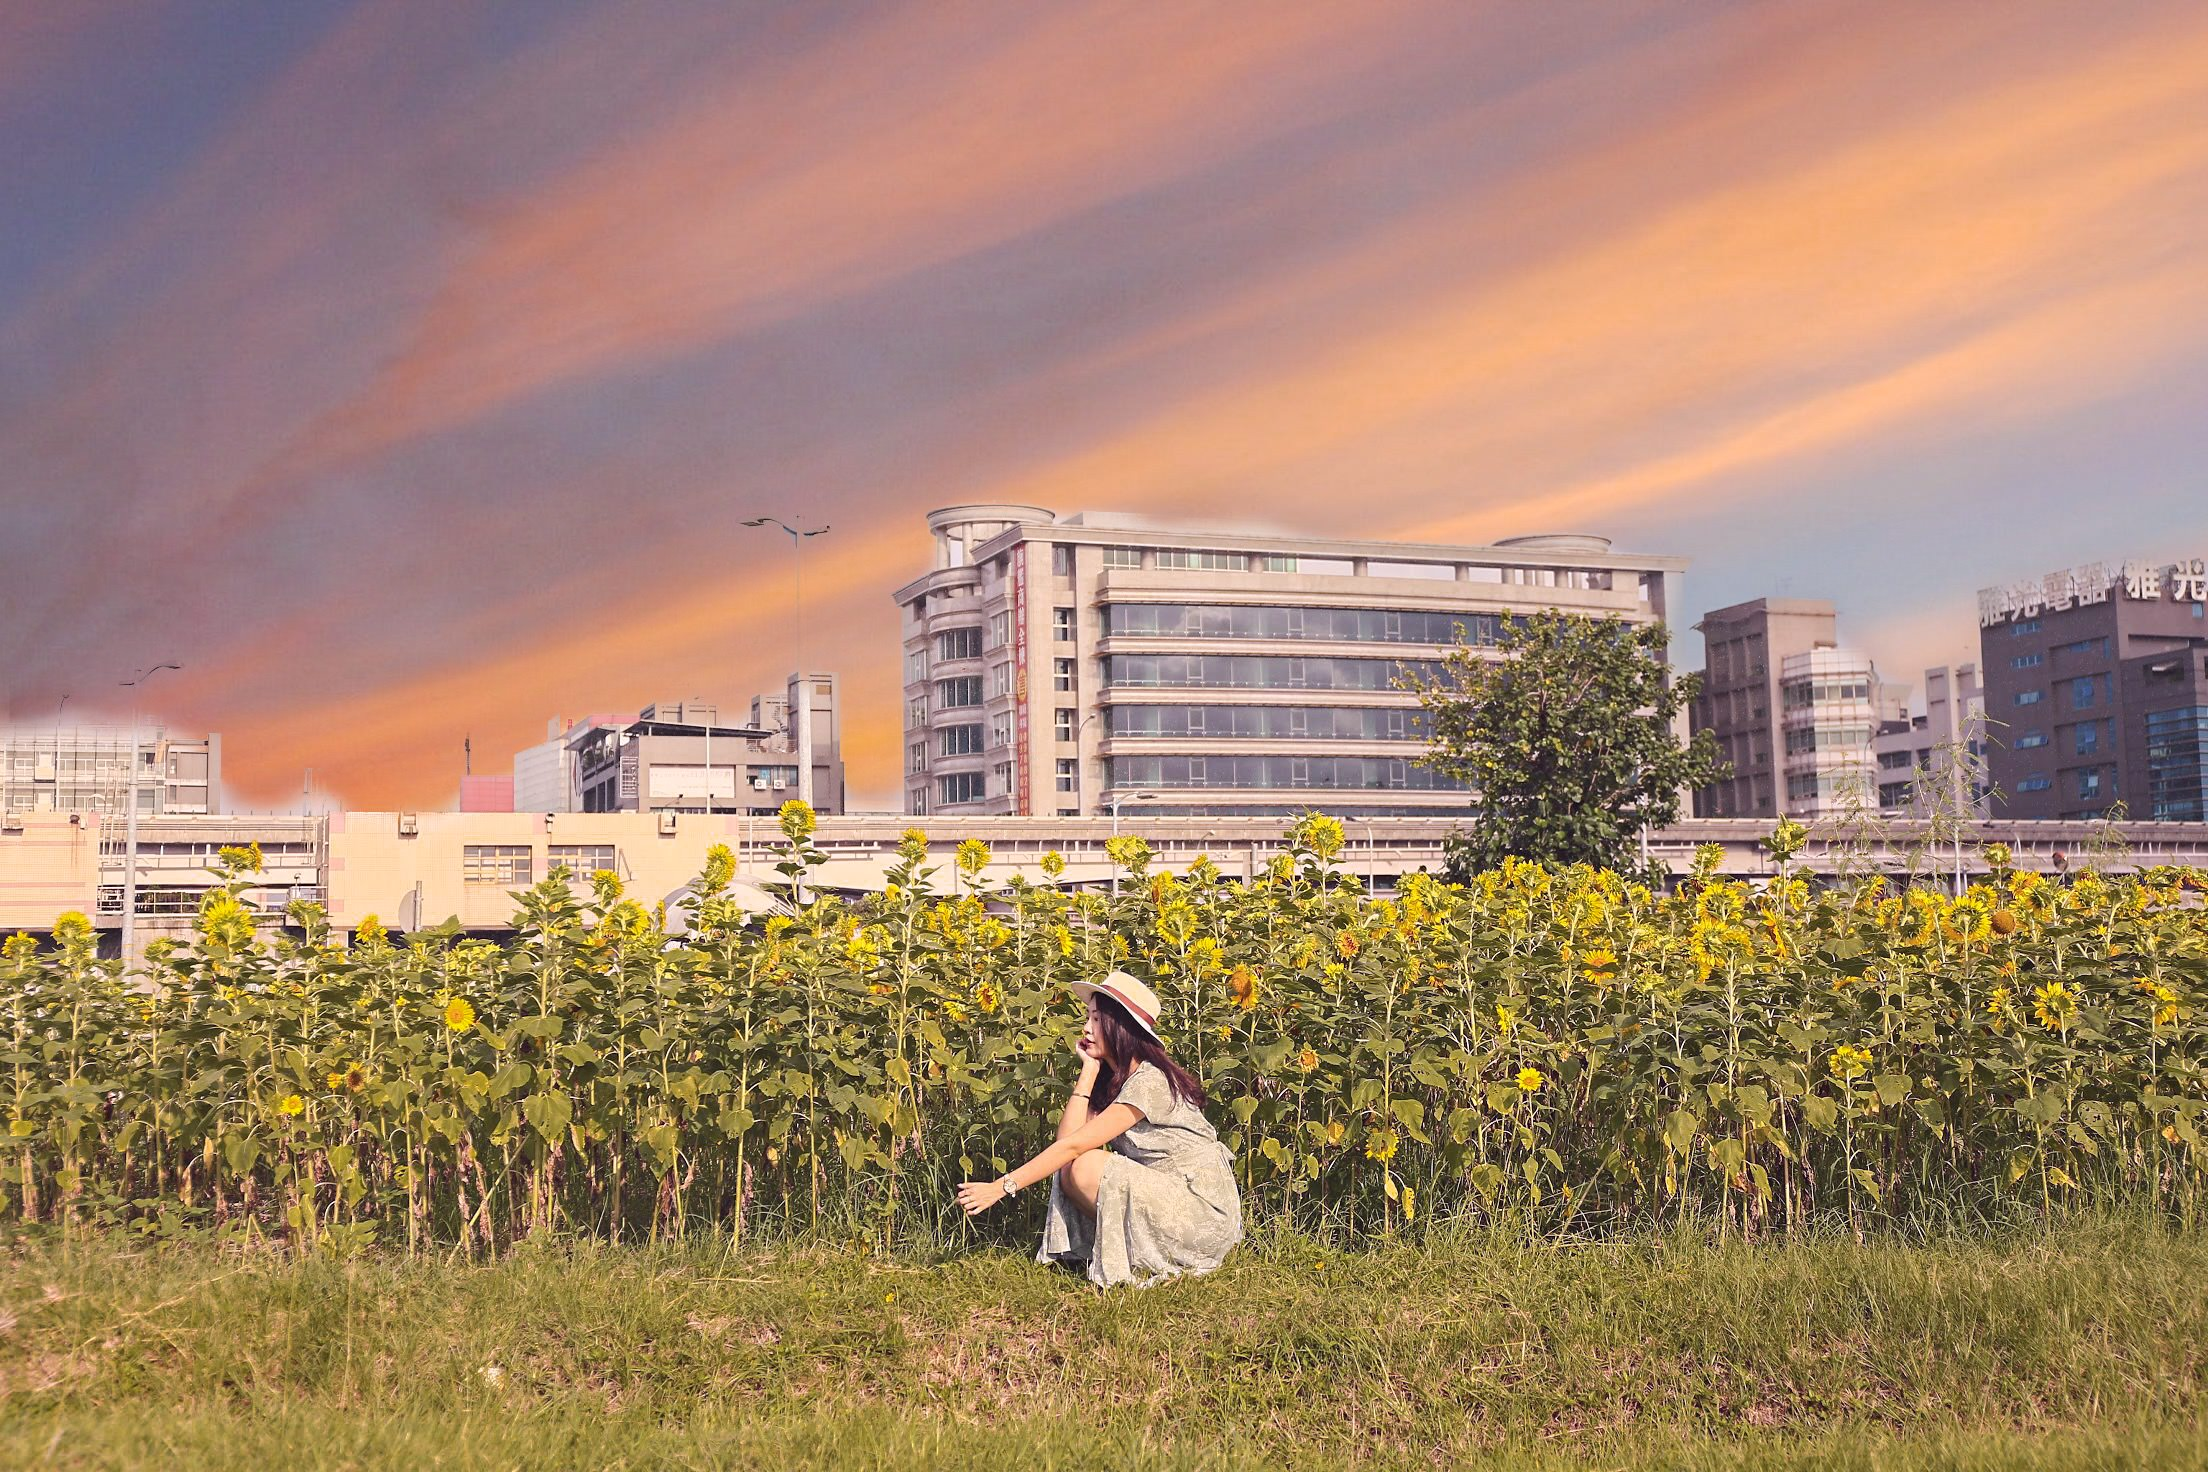 彩虹河濱公園向日葵